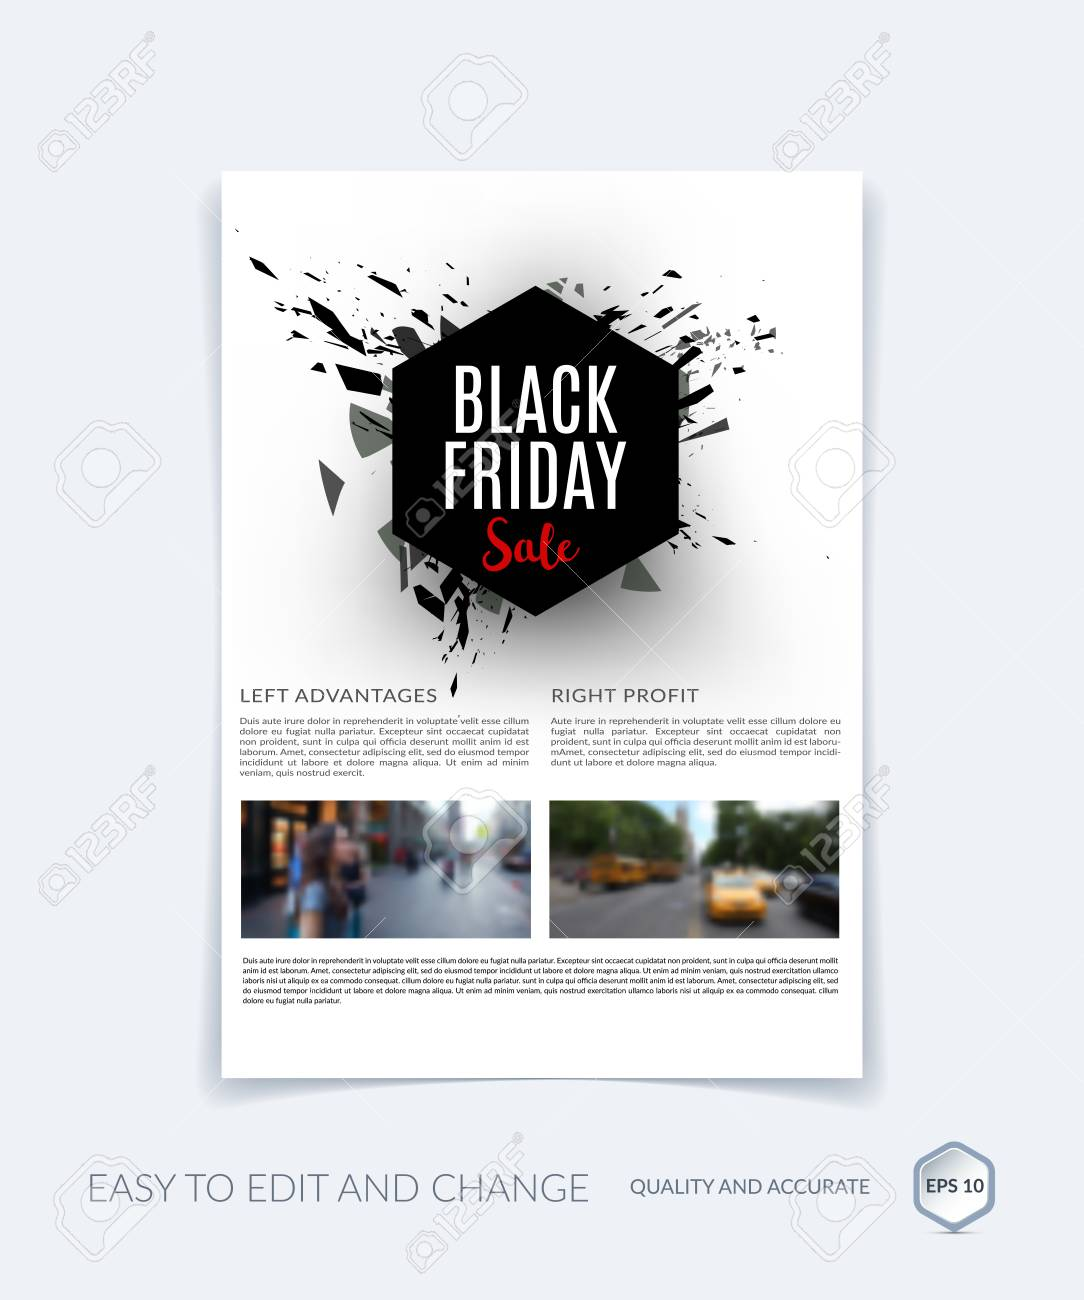 Ausgezeichnet Verkauf Broschüre Vorlage Wort Ideen - Bilder für das ...